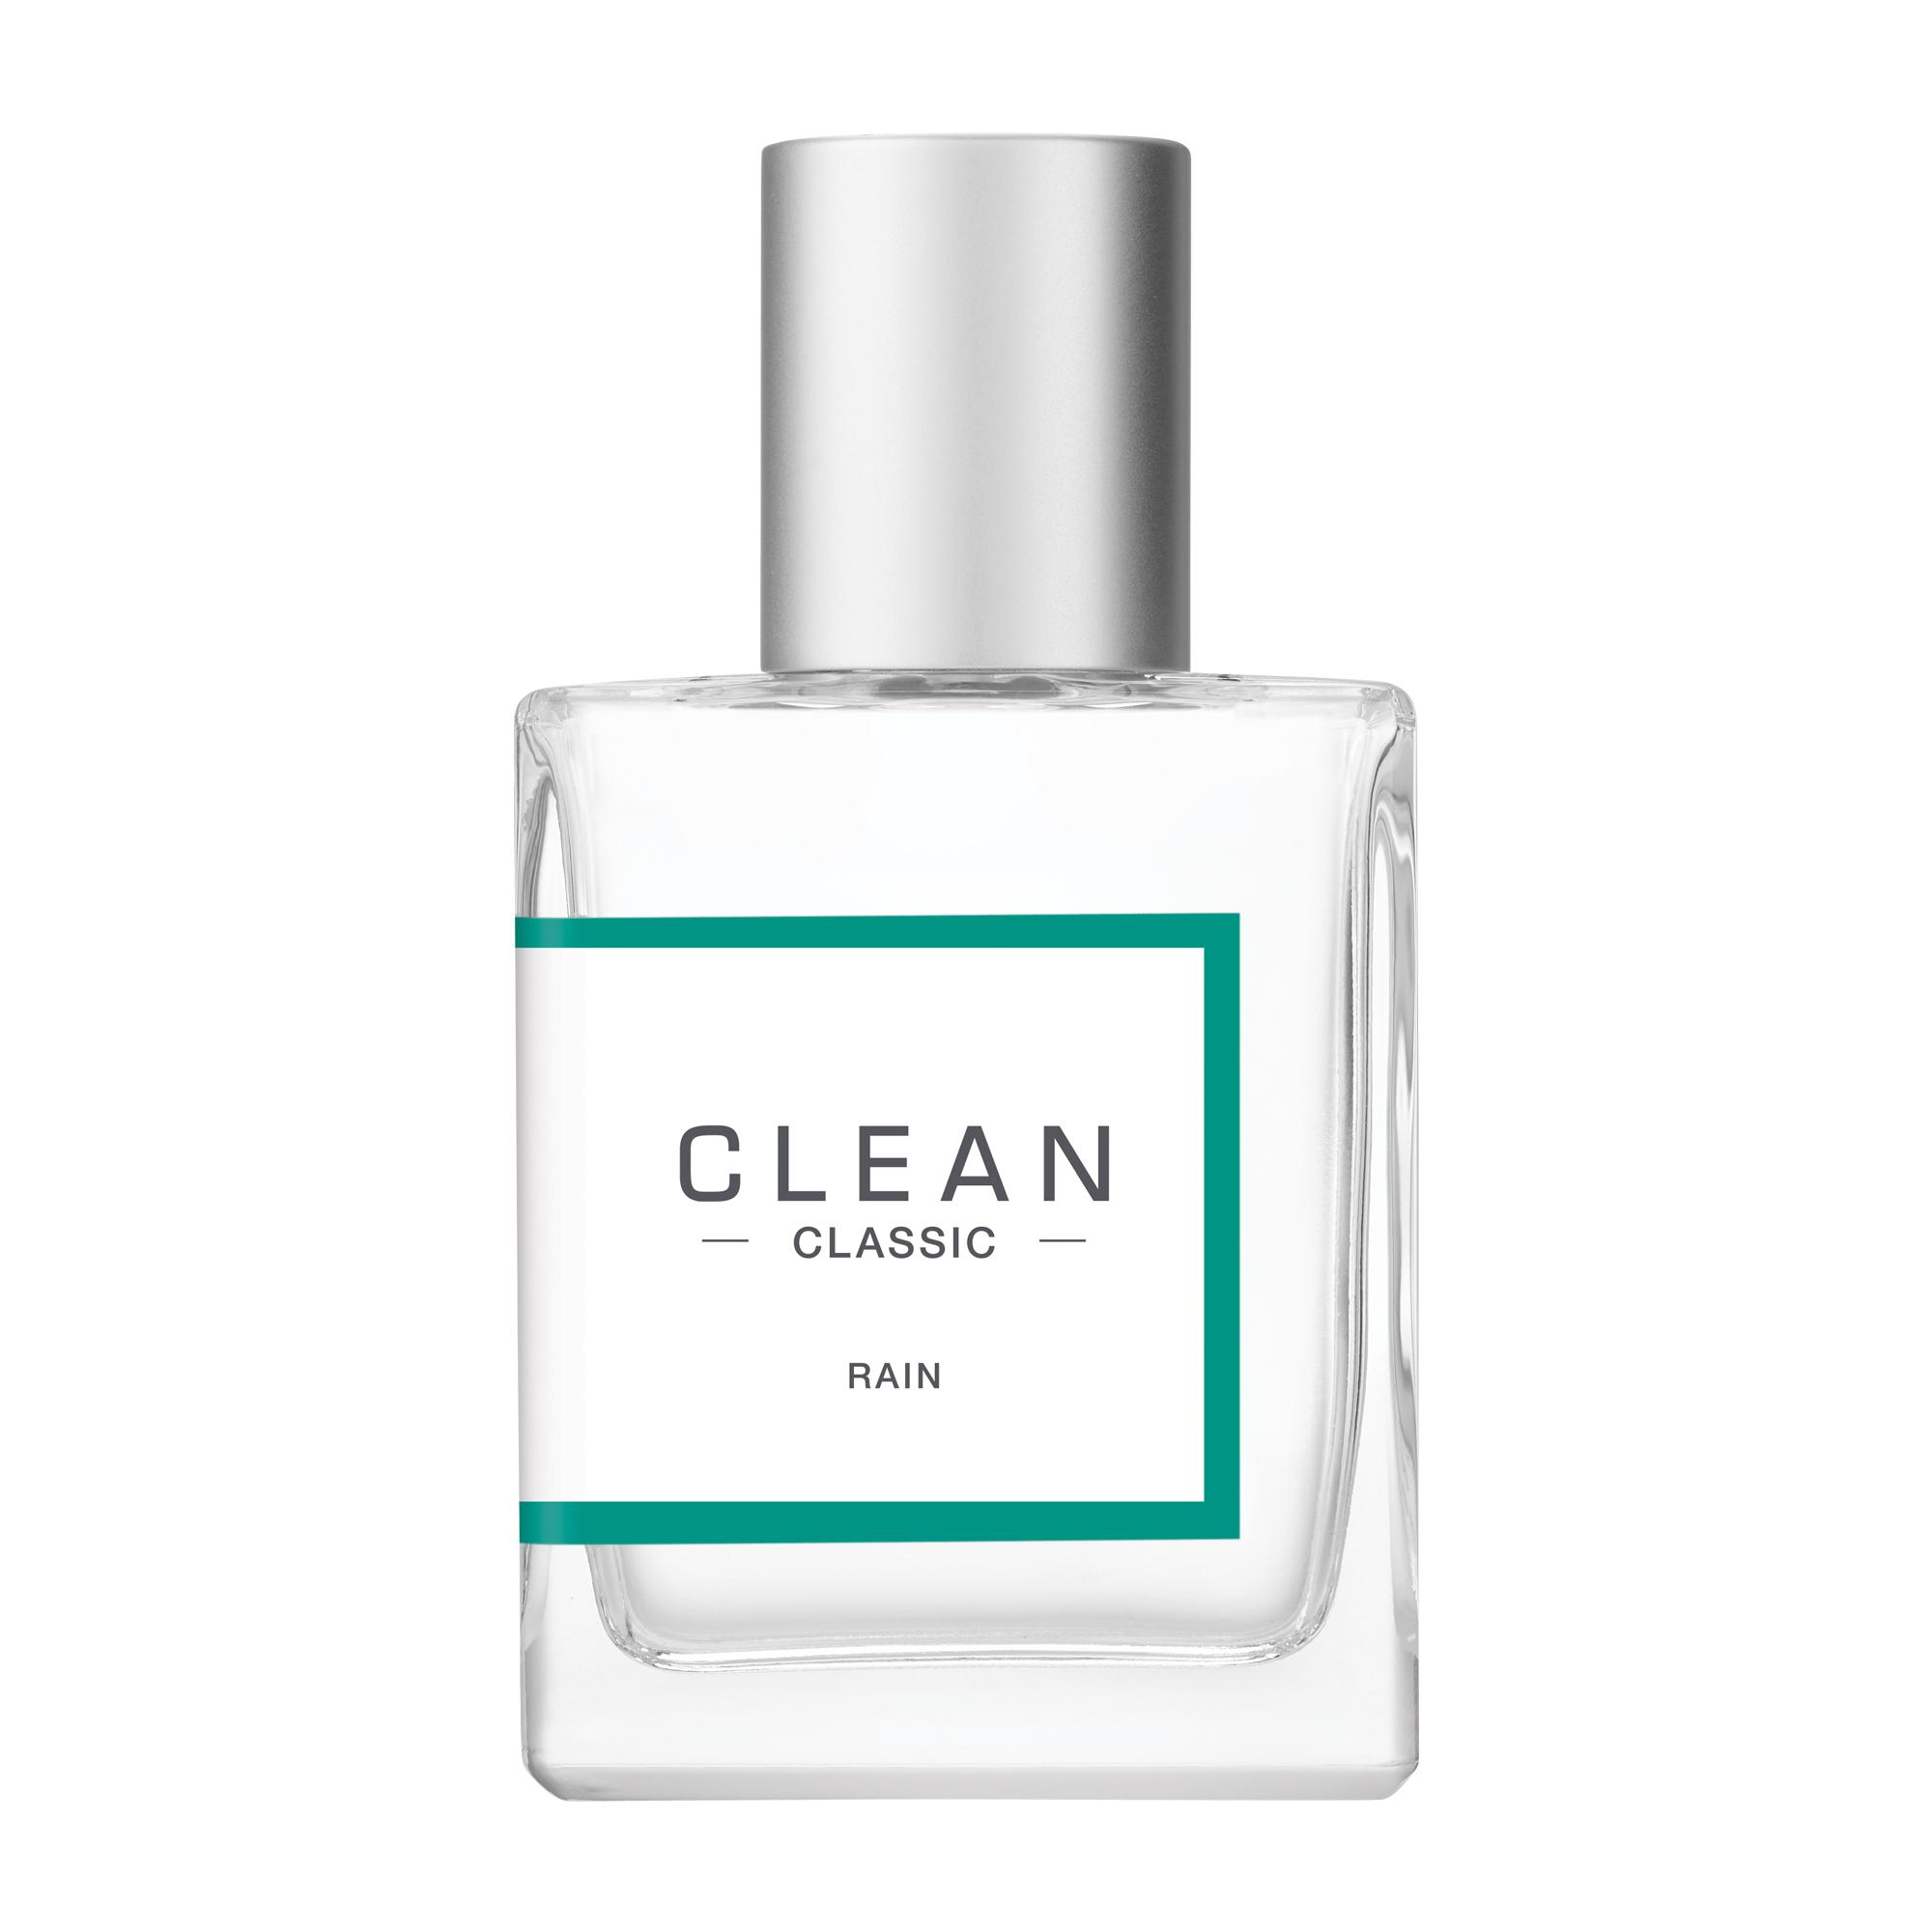 CLEAN Rain EDP, 30 ml